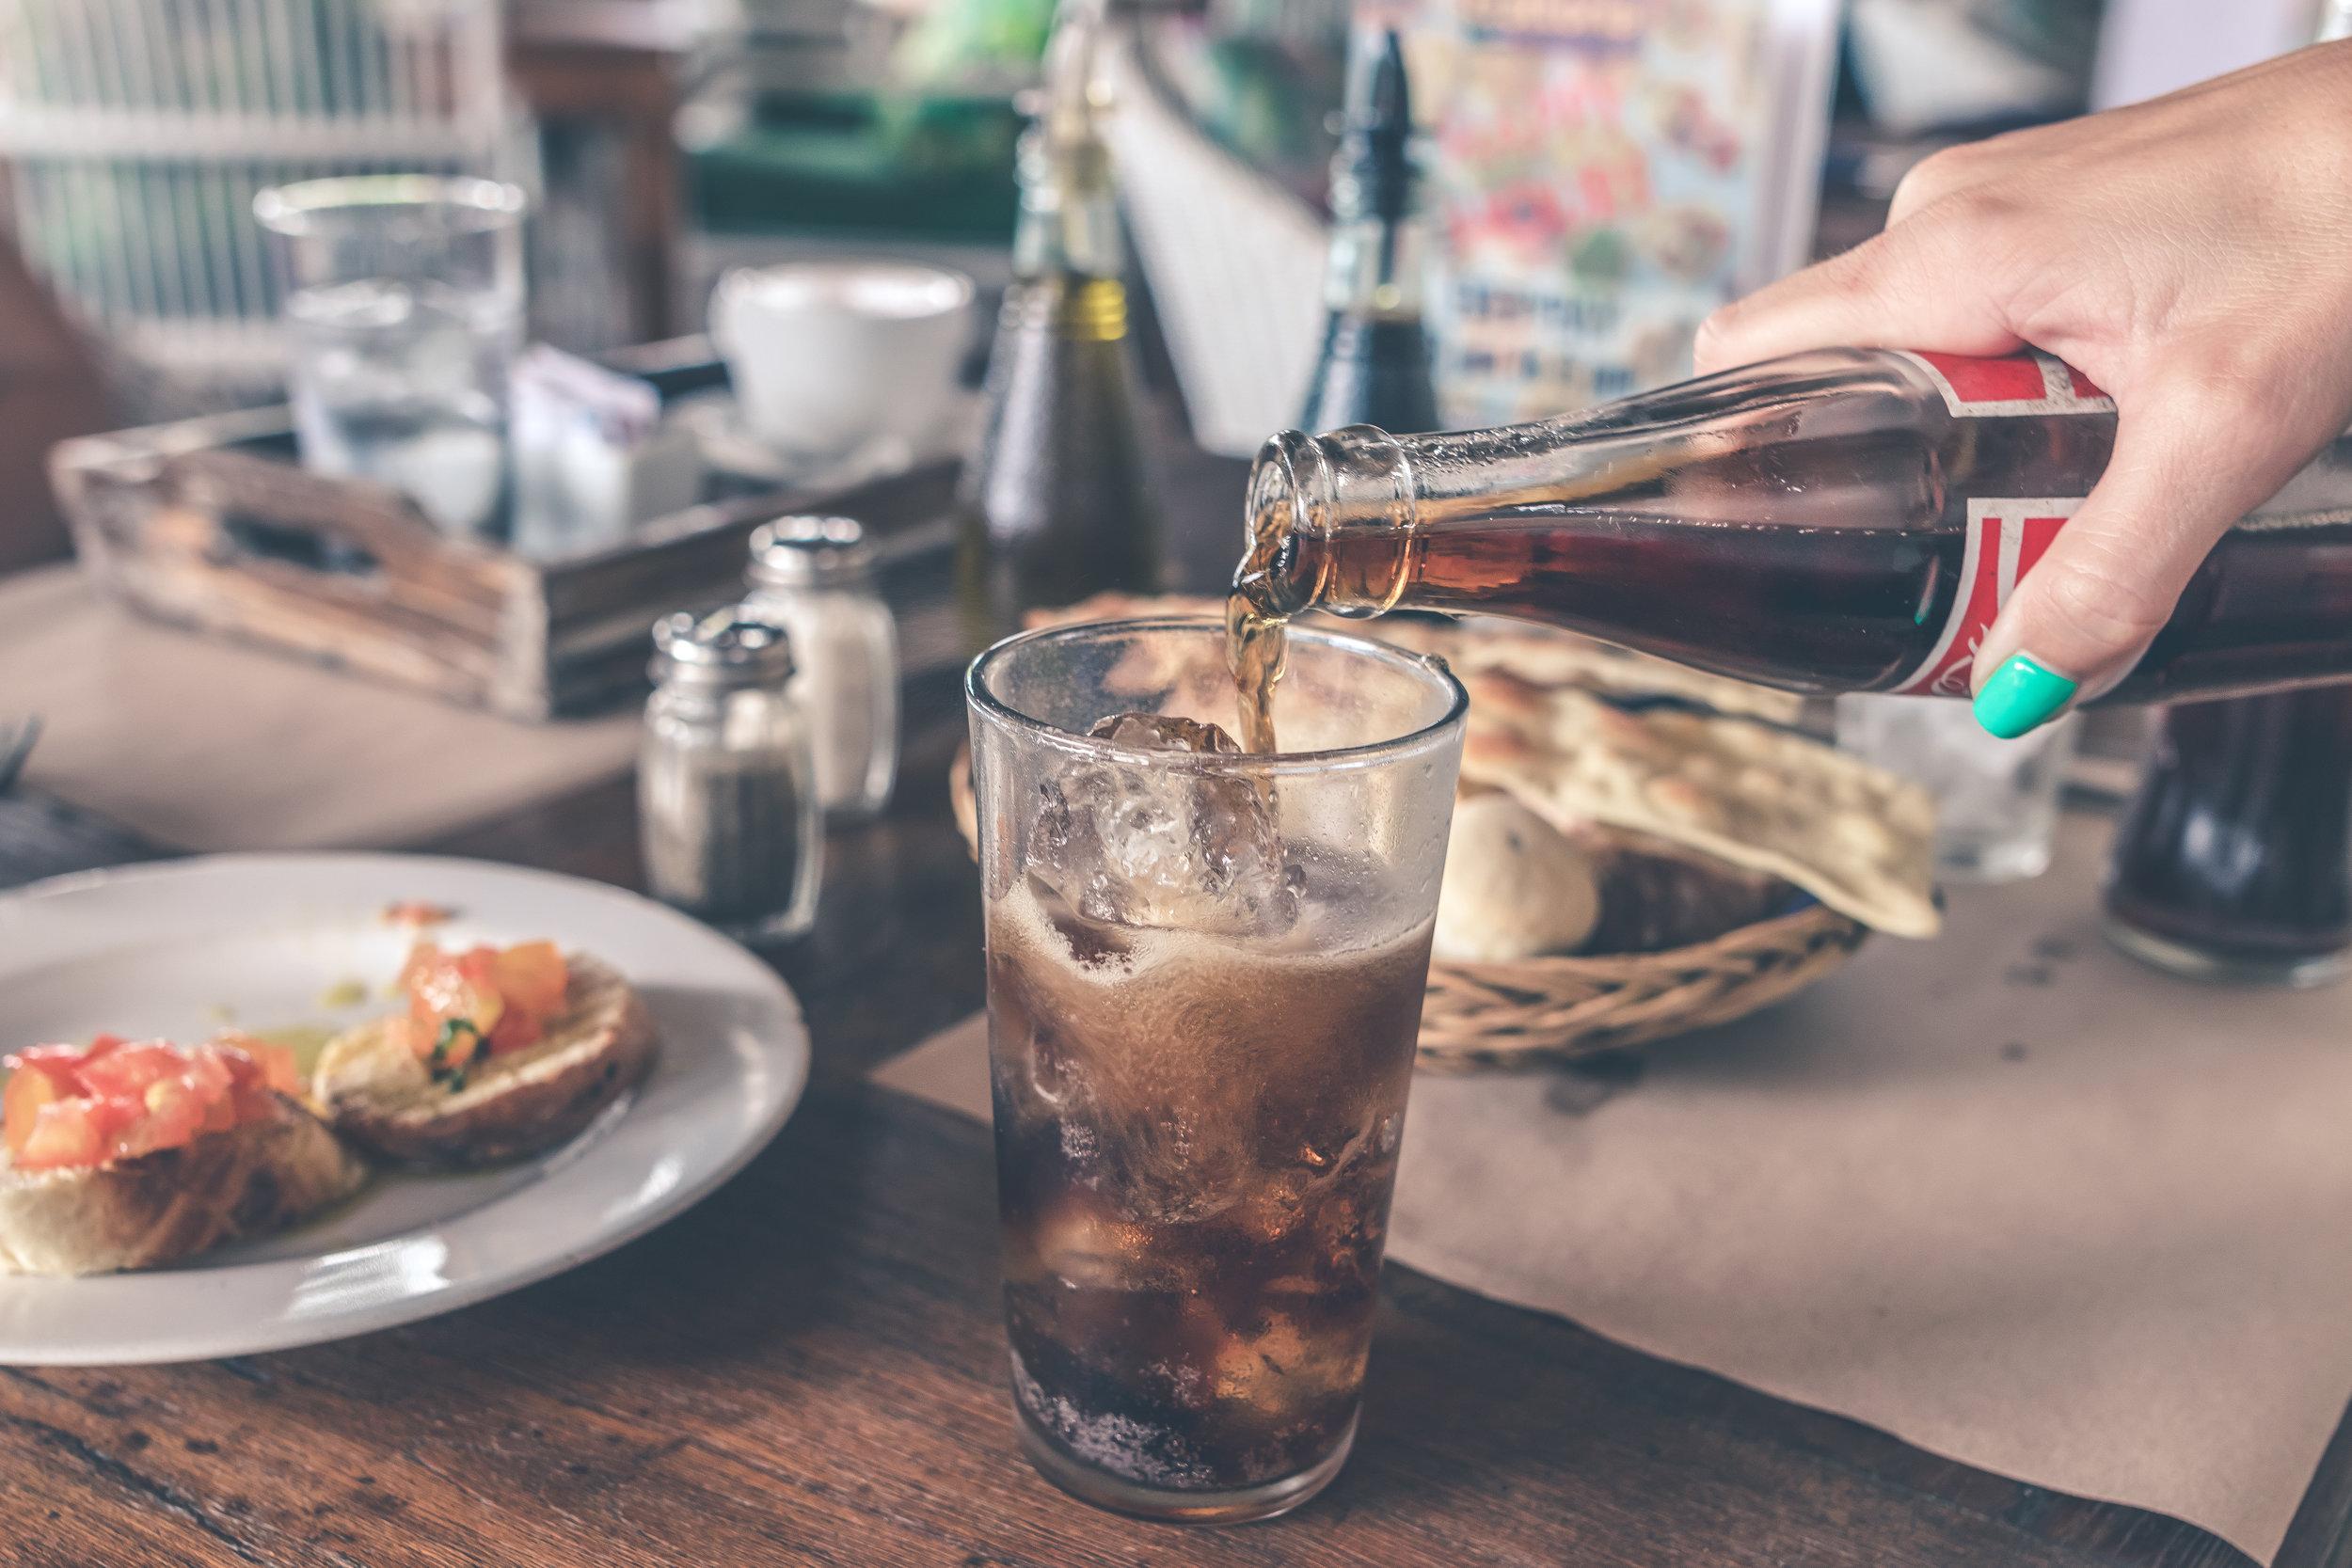 sodavand-hældes-i-glas